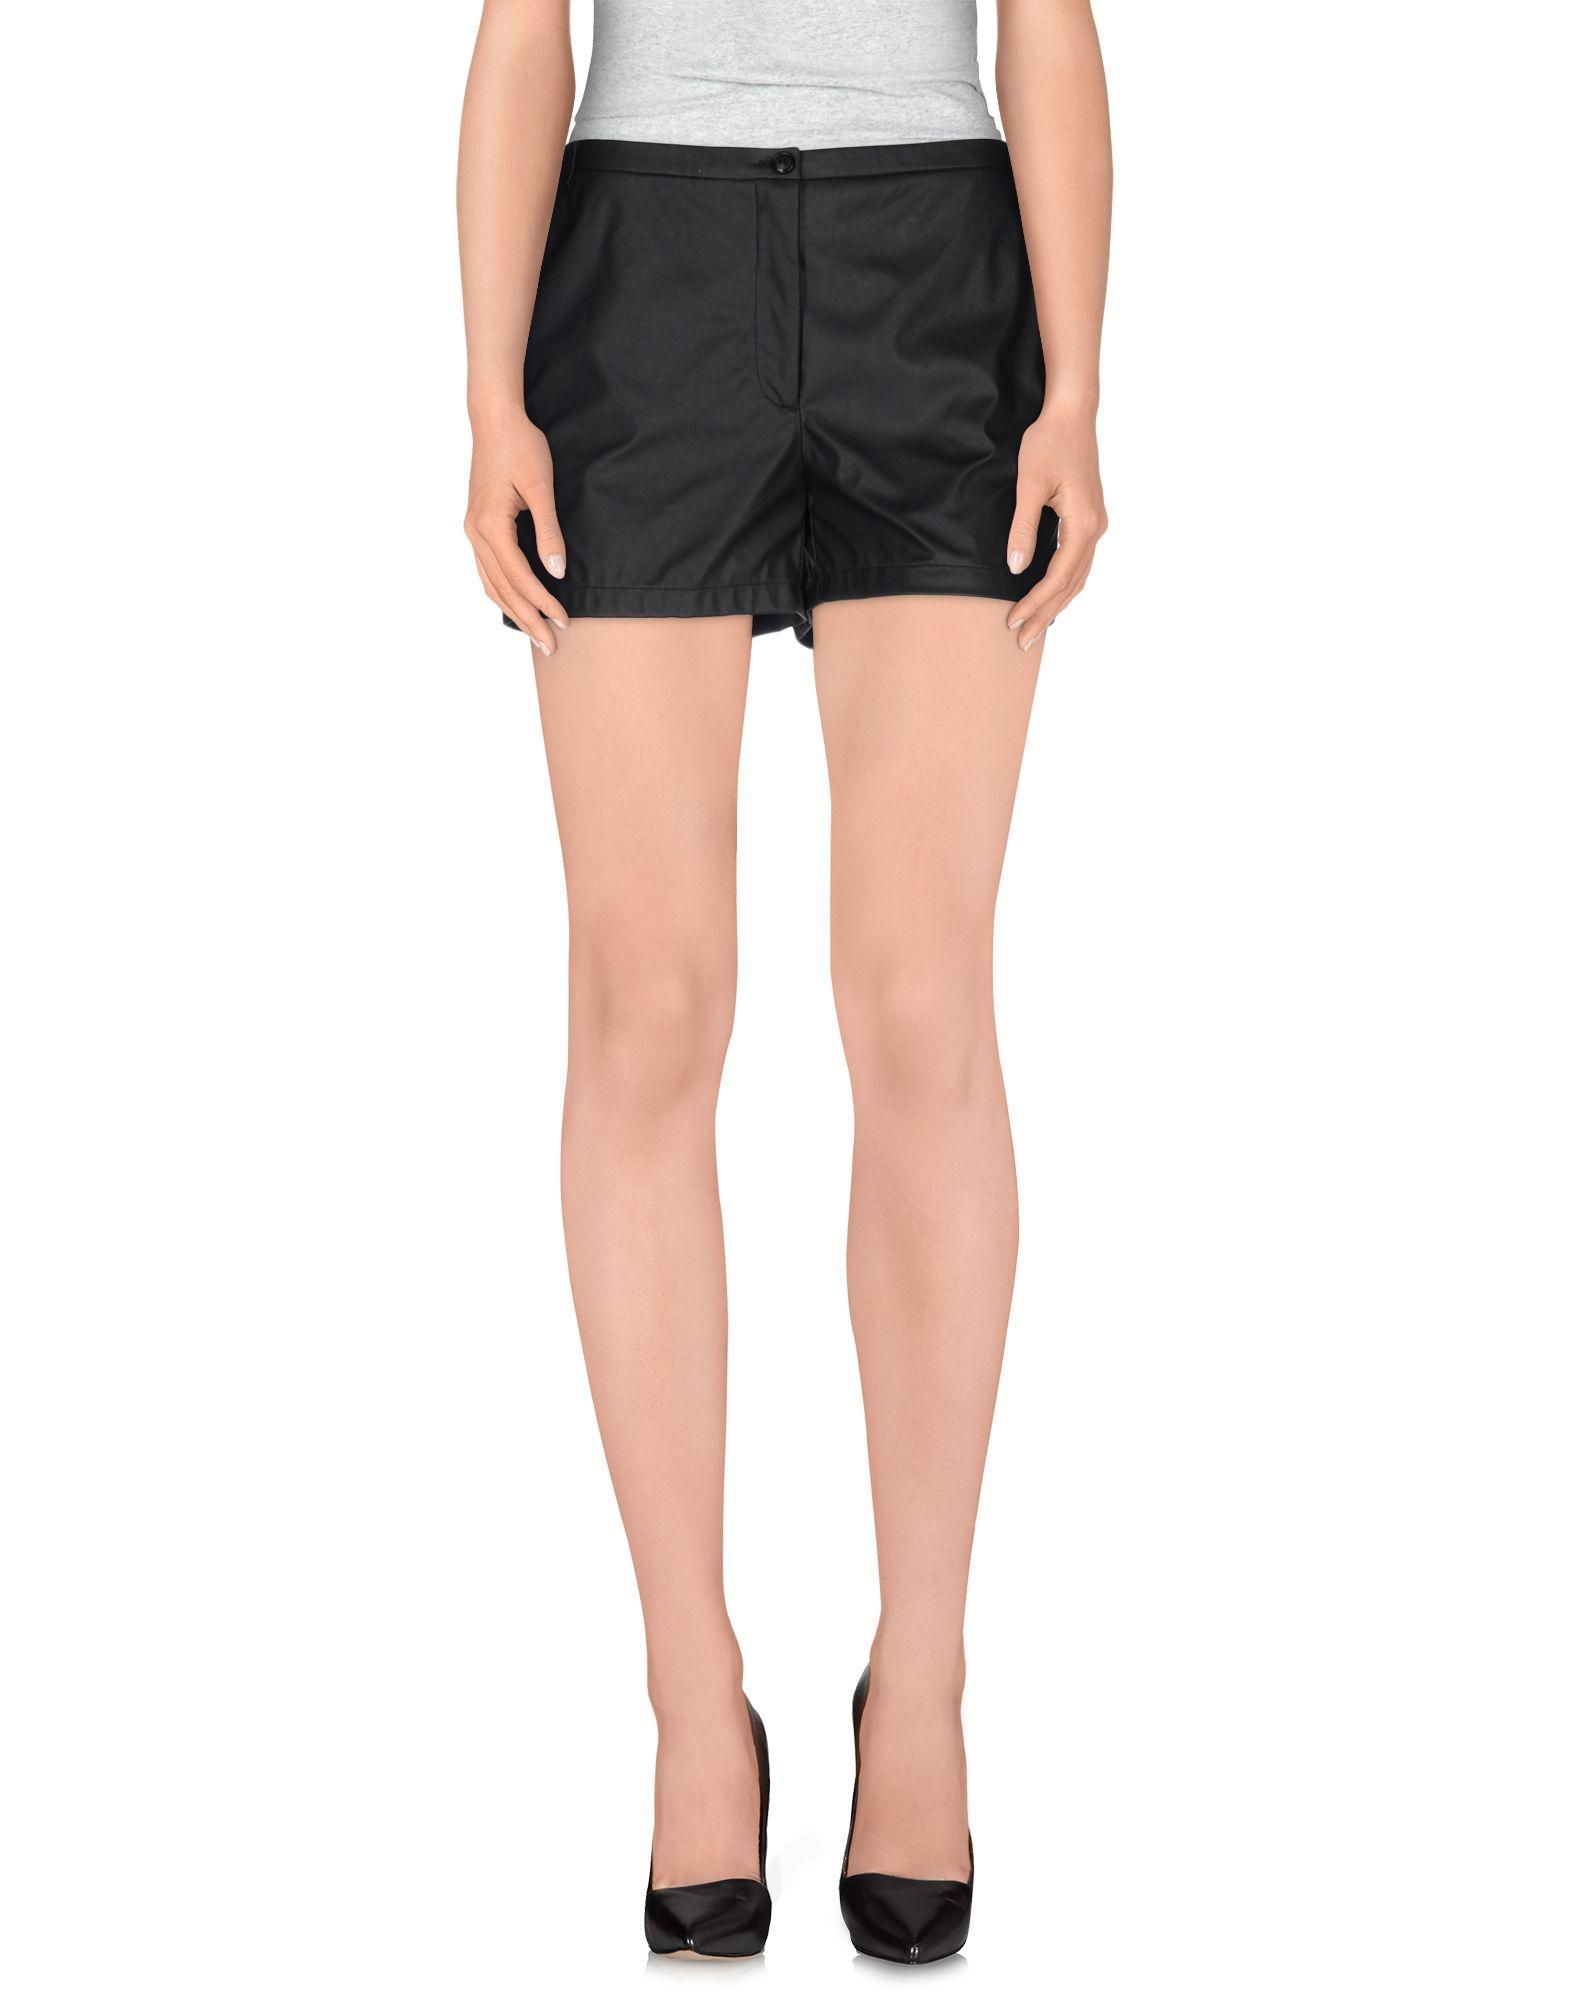 PATRIZIA PEPE SERA Повседневные шорты patrizia pepe джинсы с 5 карманами с широкими штанинами